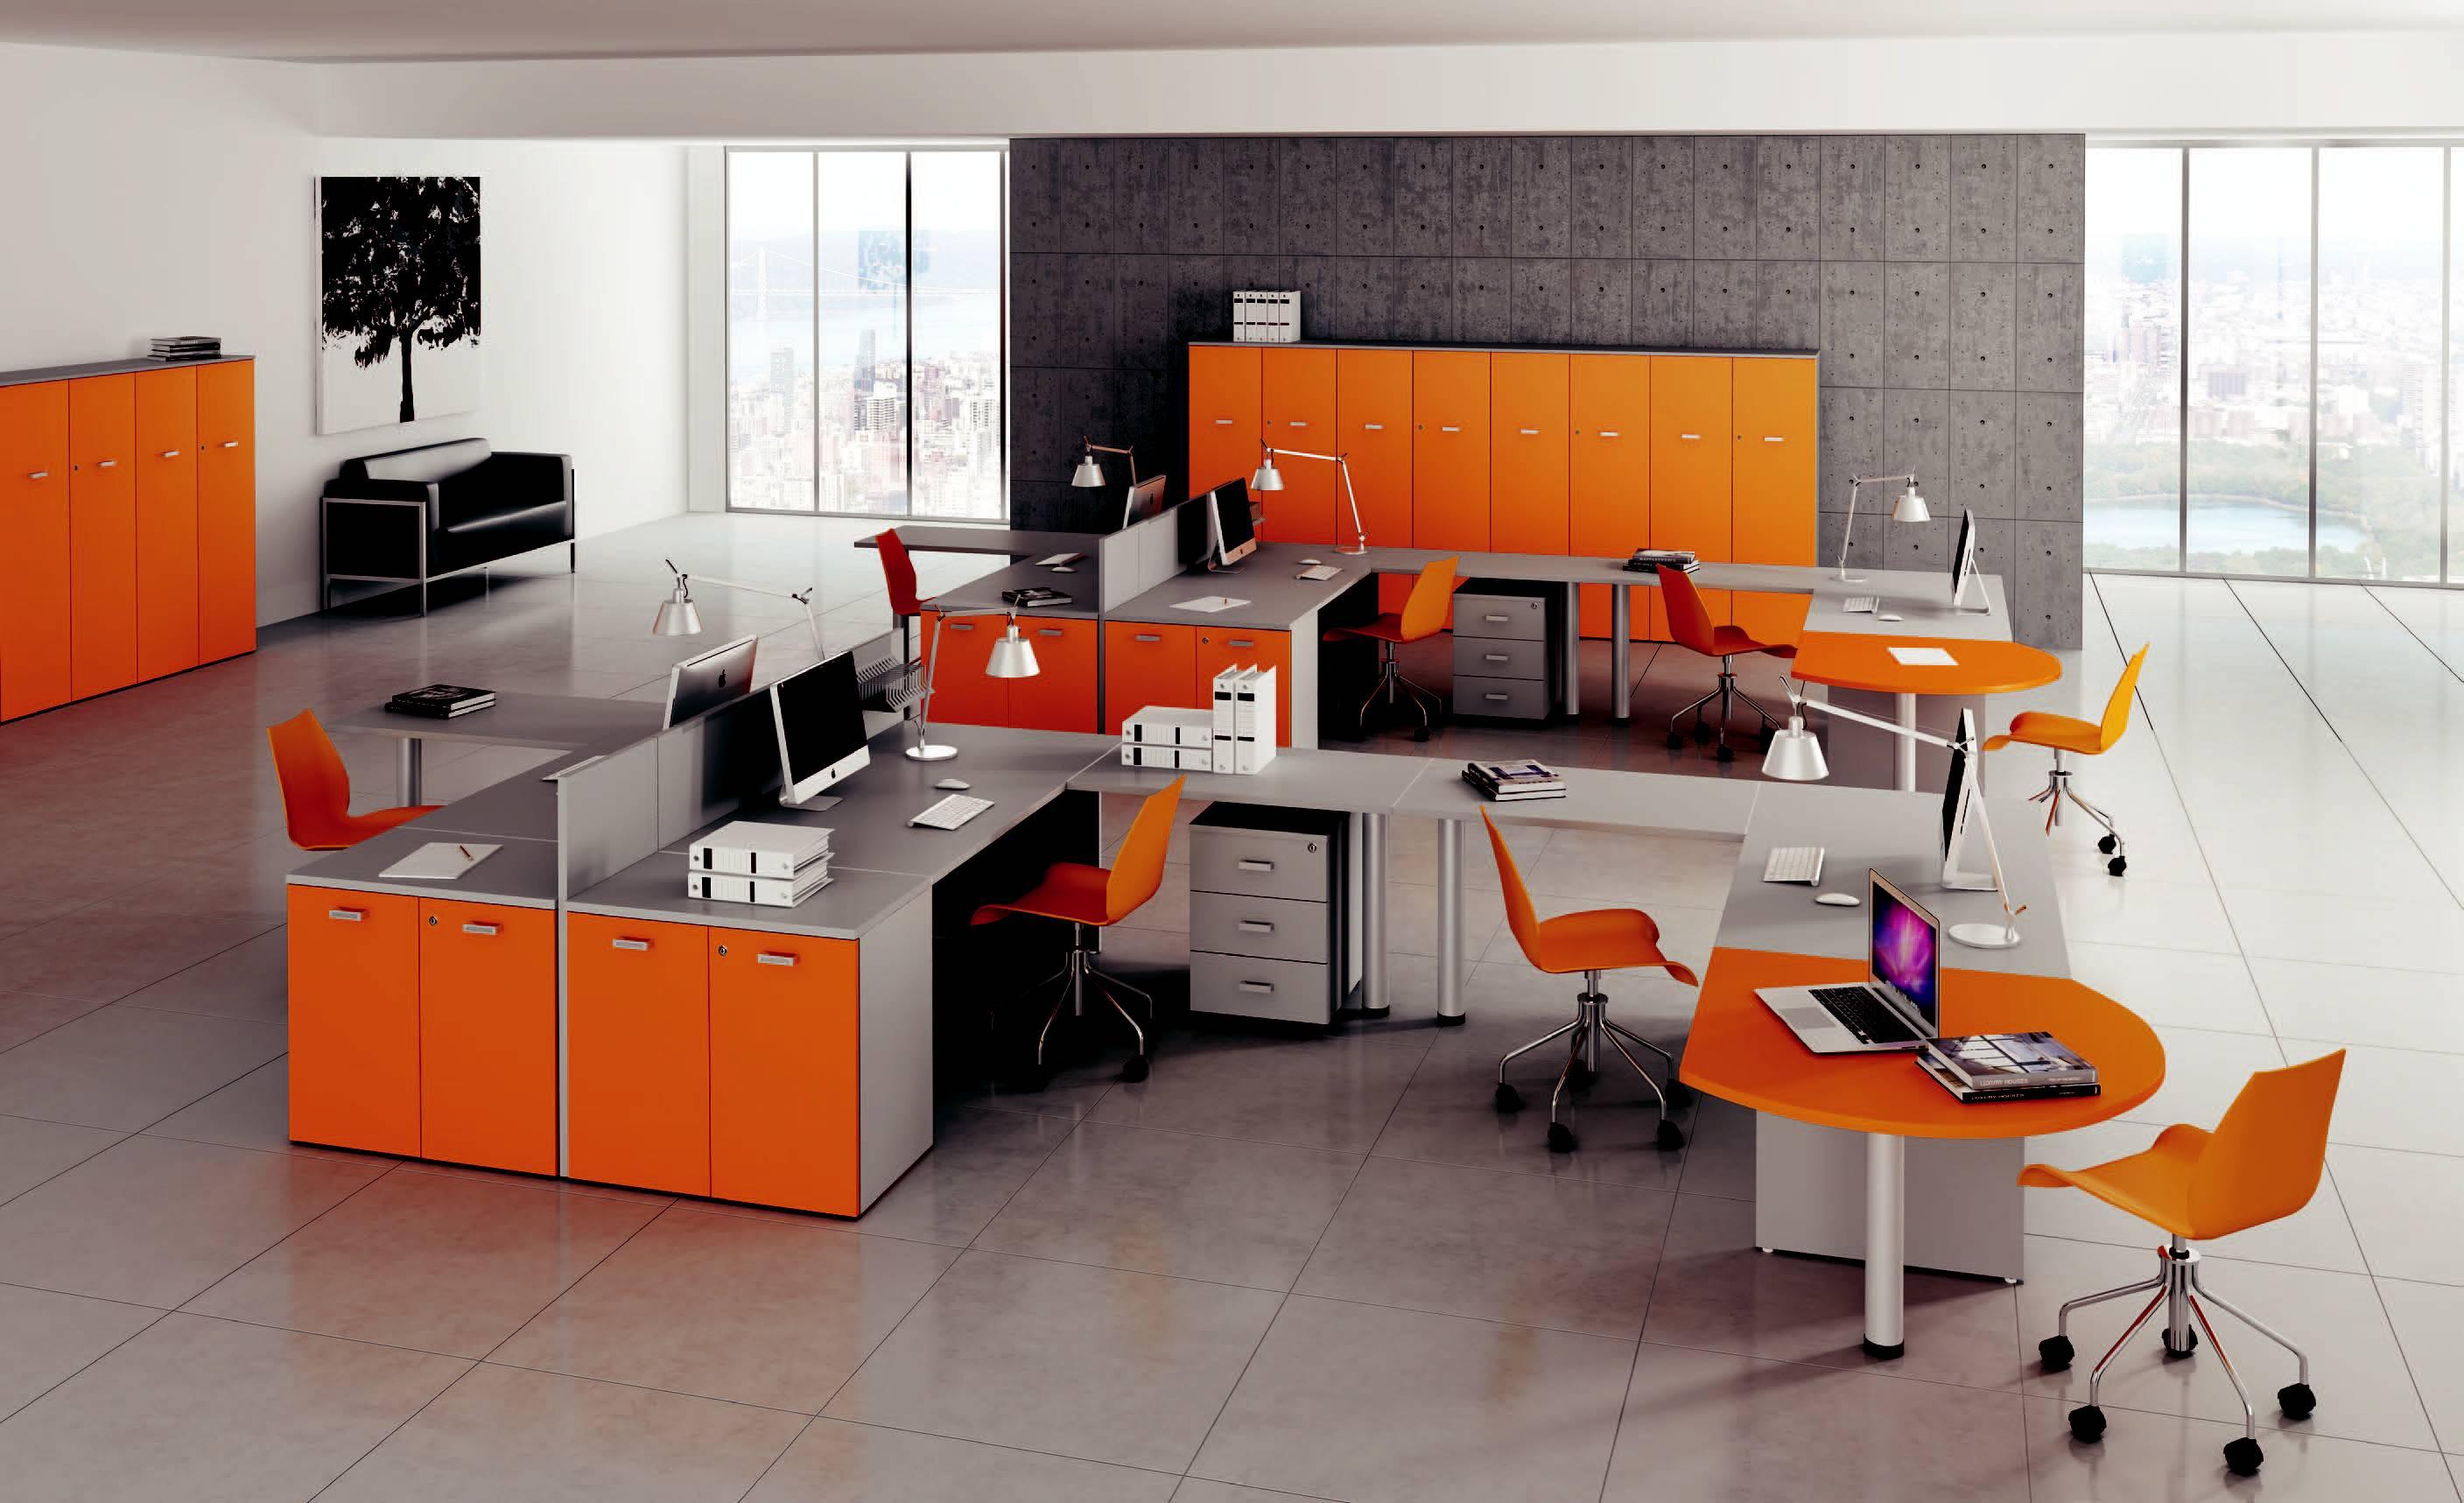 Arredamento Ufficio Operativo : Arredamento uffici operativi modello kamos arredo casa fvg